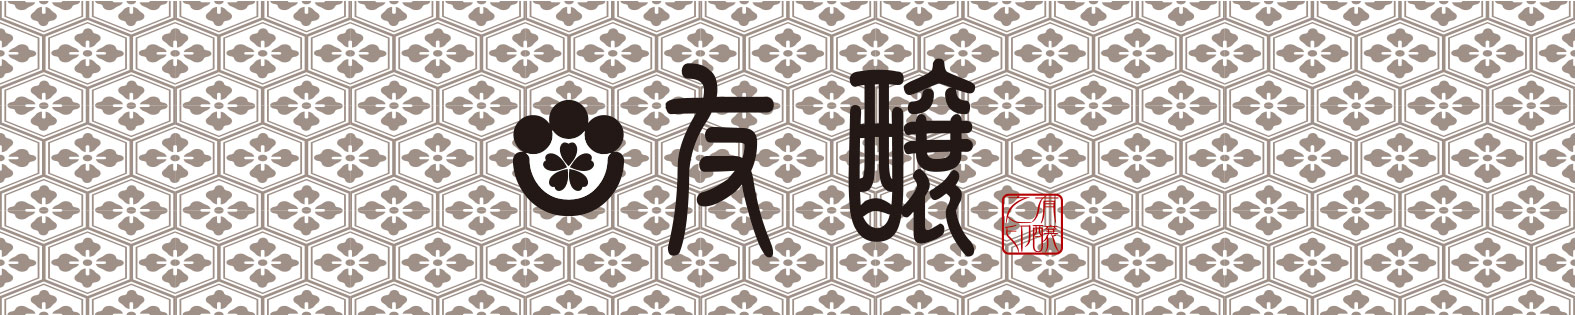 【ゆず酒】 梅乃宿 クールゆず 限定「生」ver 夏季限定_e0173738_13462940.jpg